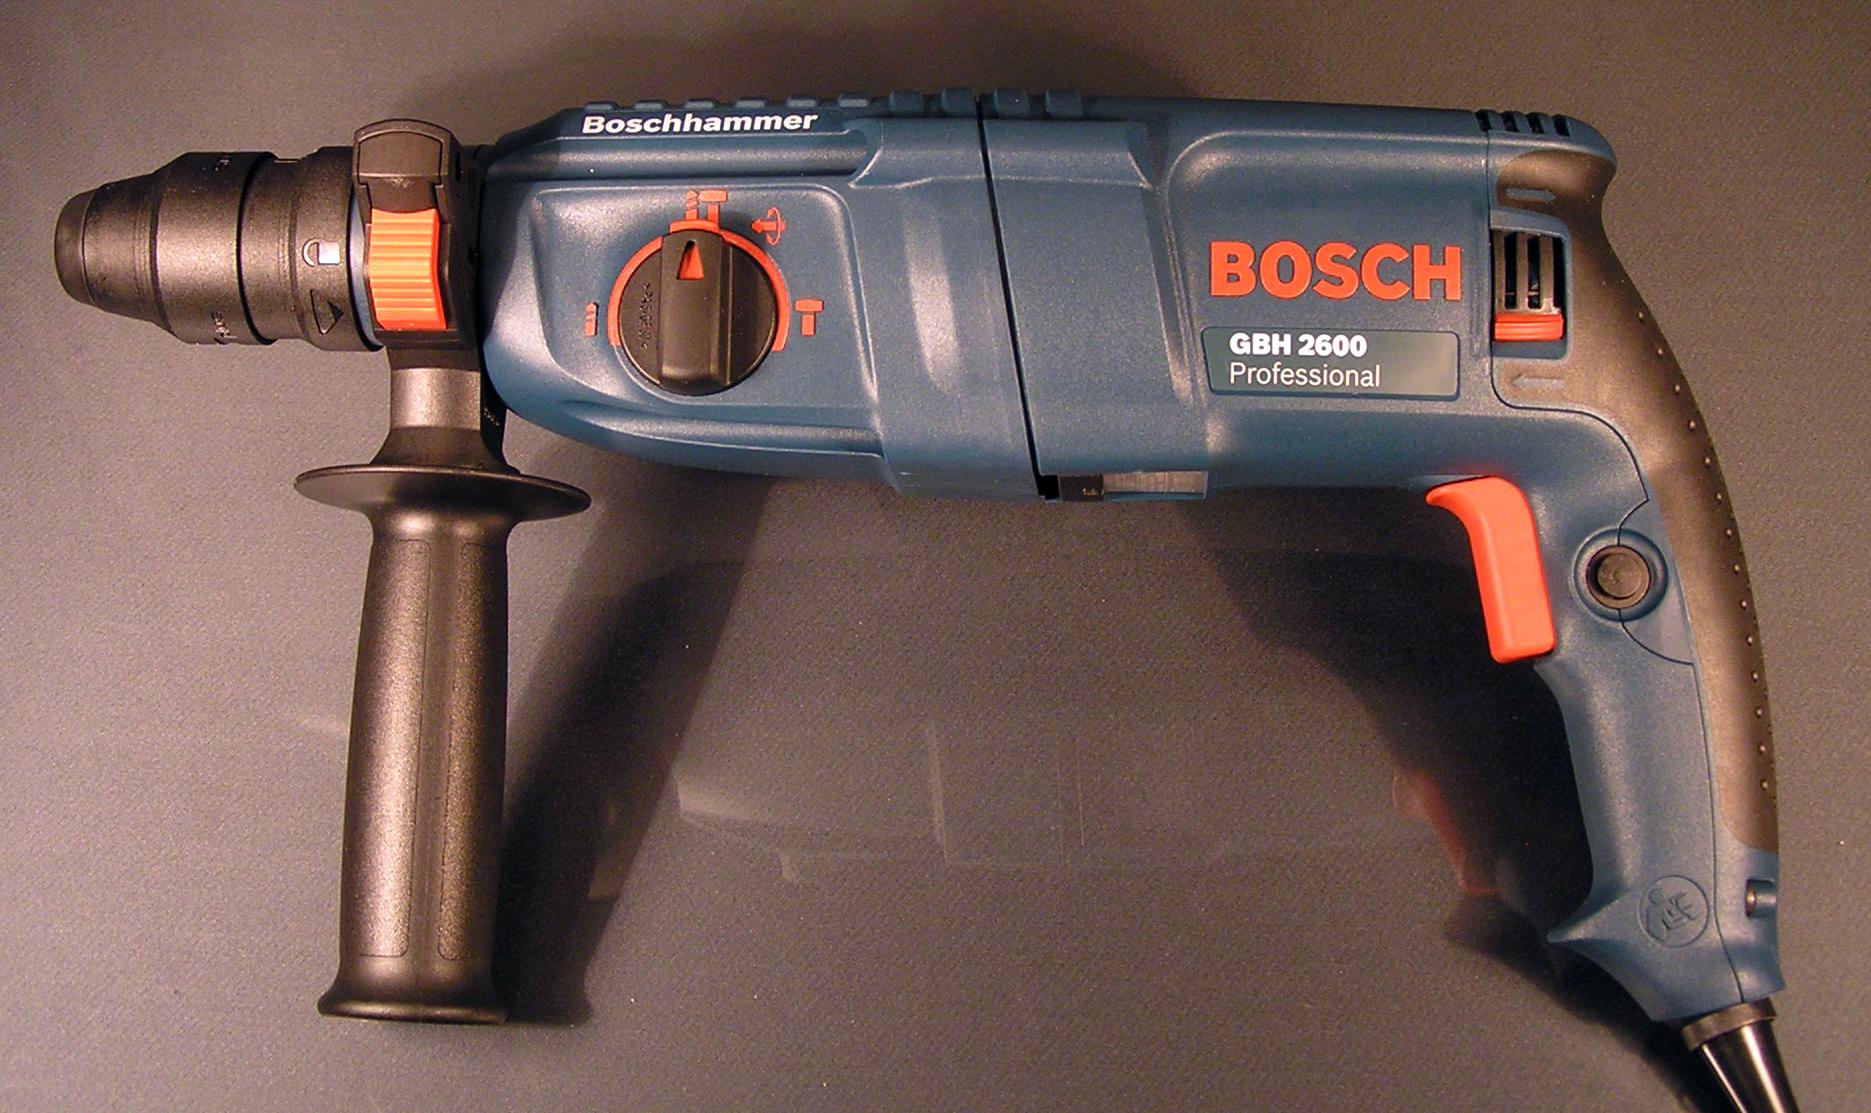 bosch gbh 2600 professional bohrhammer sds plus set 8 teiliges zubeh r ovp neu. Black Bedroom Furniture Sets. Home Design Ideas